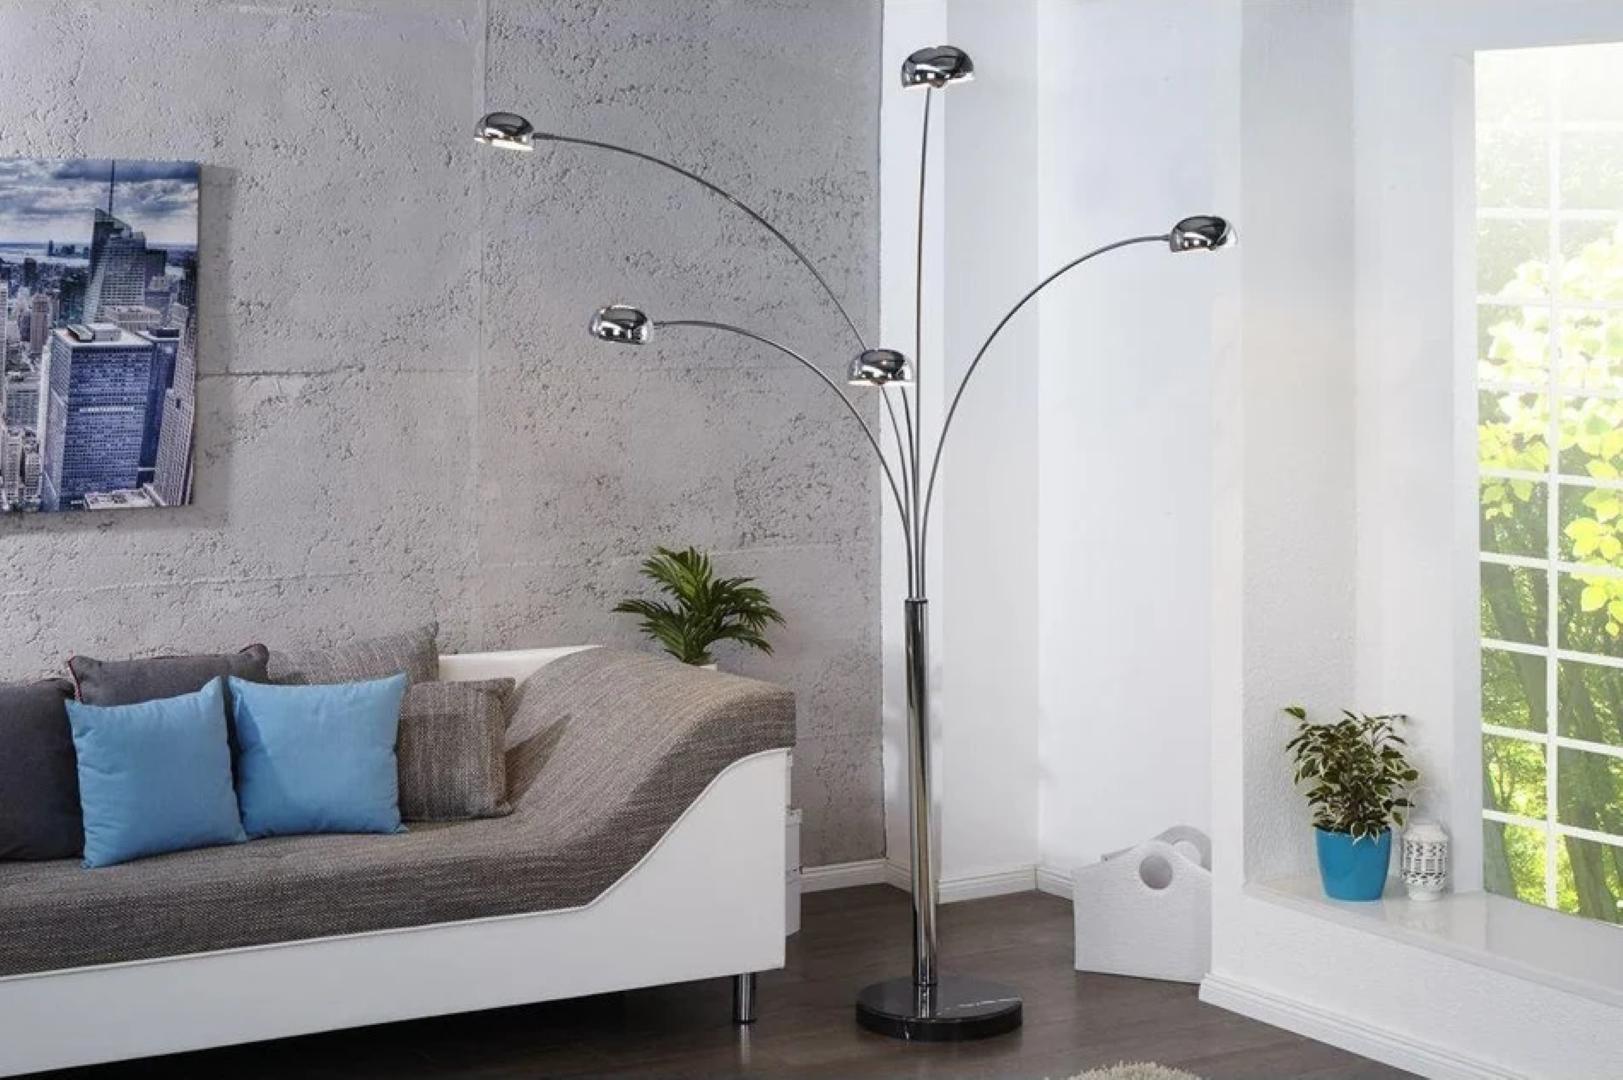 Lampa podłogowa idealnym rozwiązaniem do klasycznego i nowoczesnego budownictwa